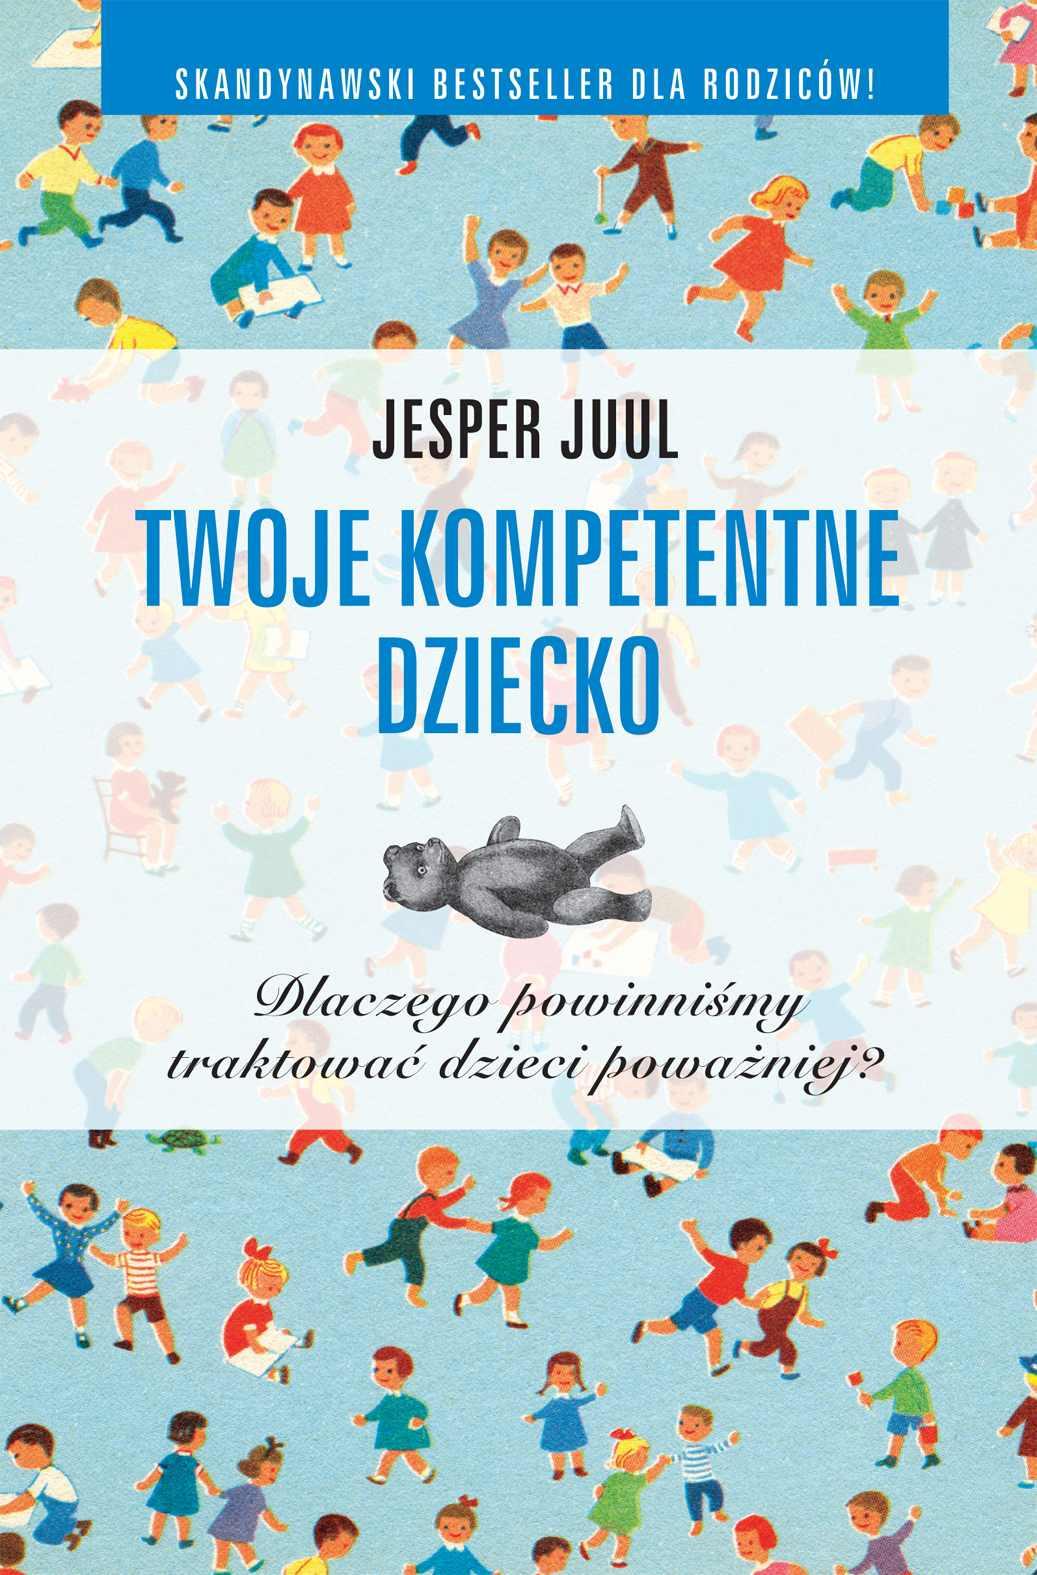 Twoje kompetentne dziecko. Dlaczego powinniśmy traktować dzieci poważniej? - Ebook (Książka EPUB) do pobrania w formacie EPUB